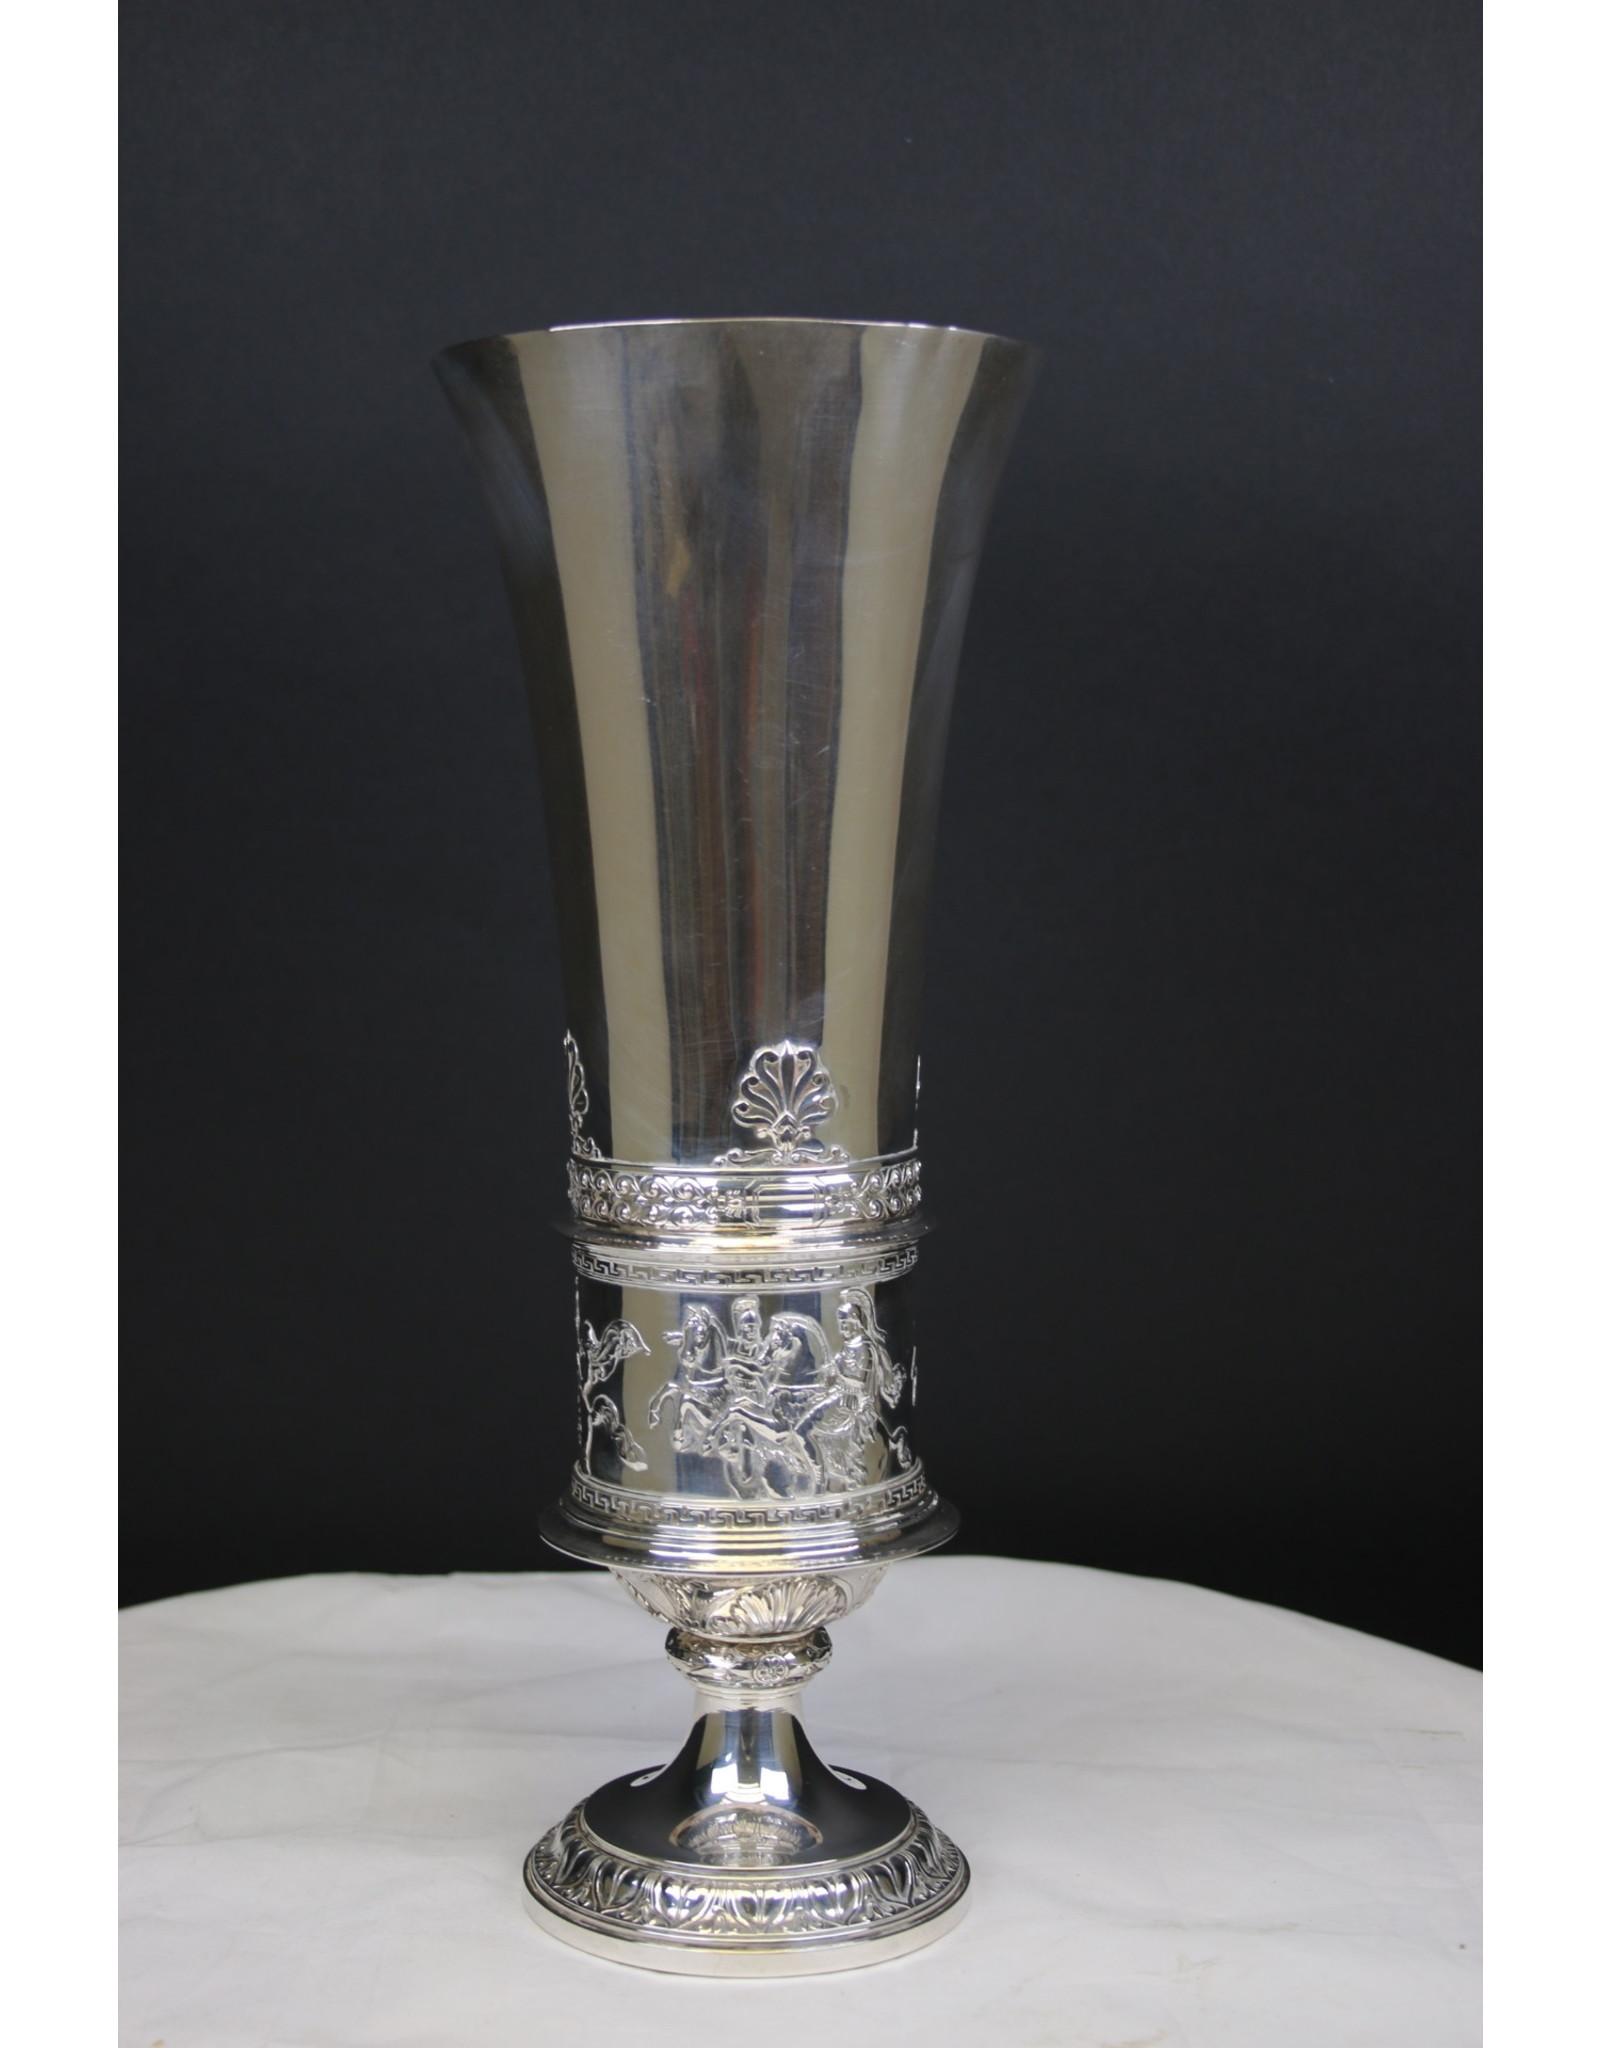 Grote Zilveren Bokaal Wenen 1860 Joseph Karl Klinkosch